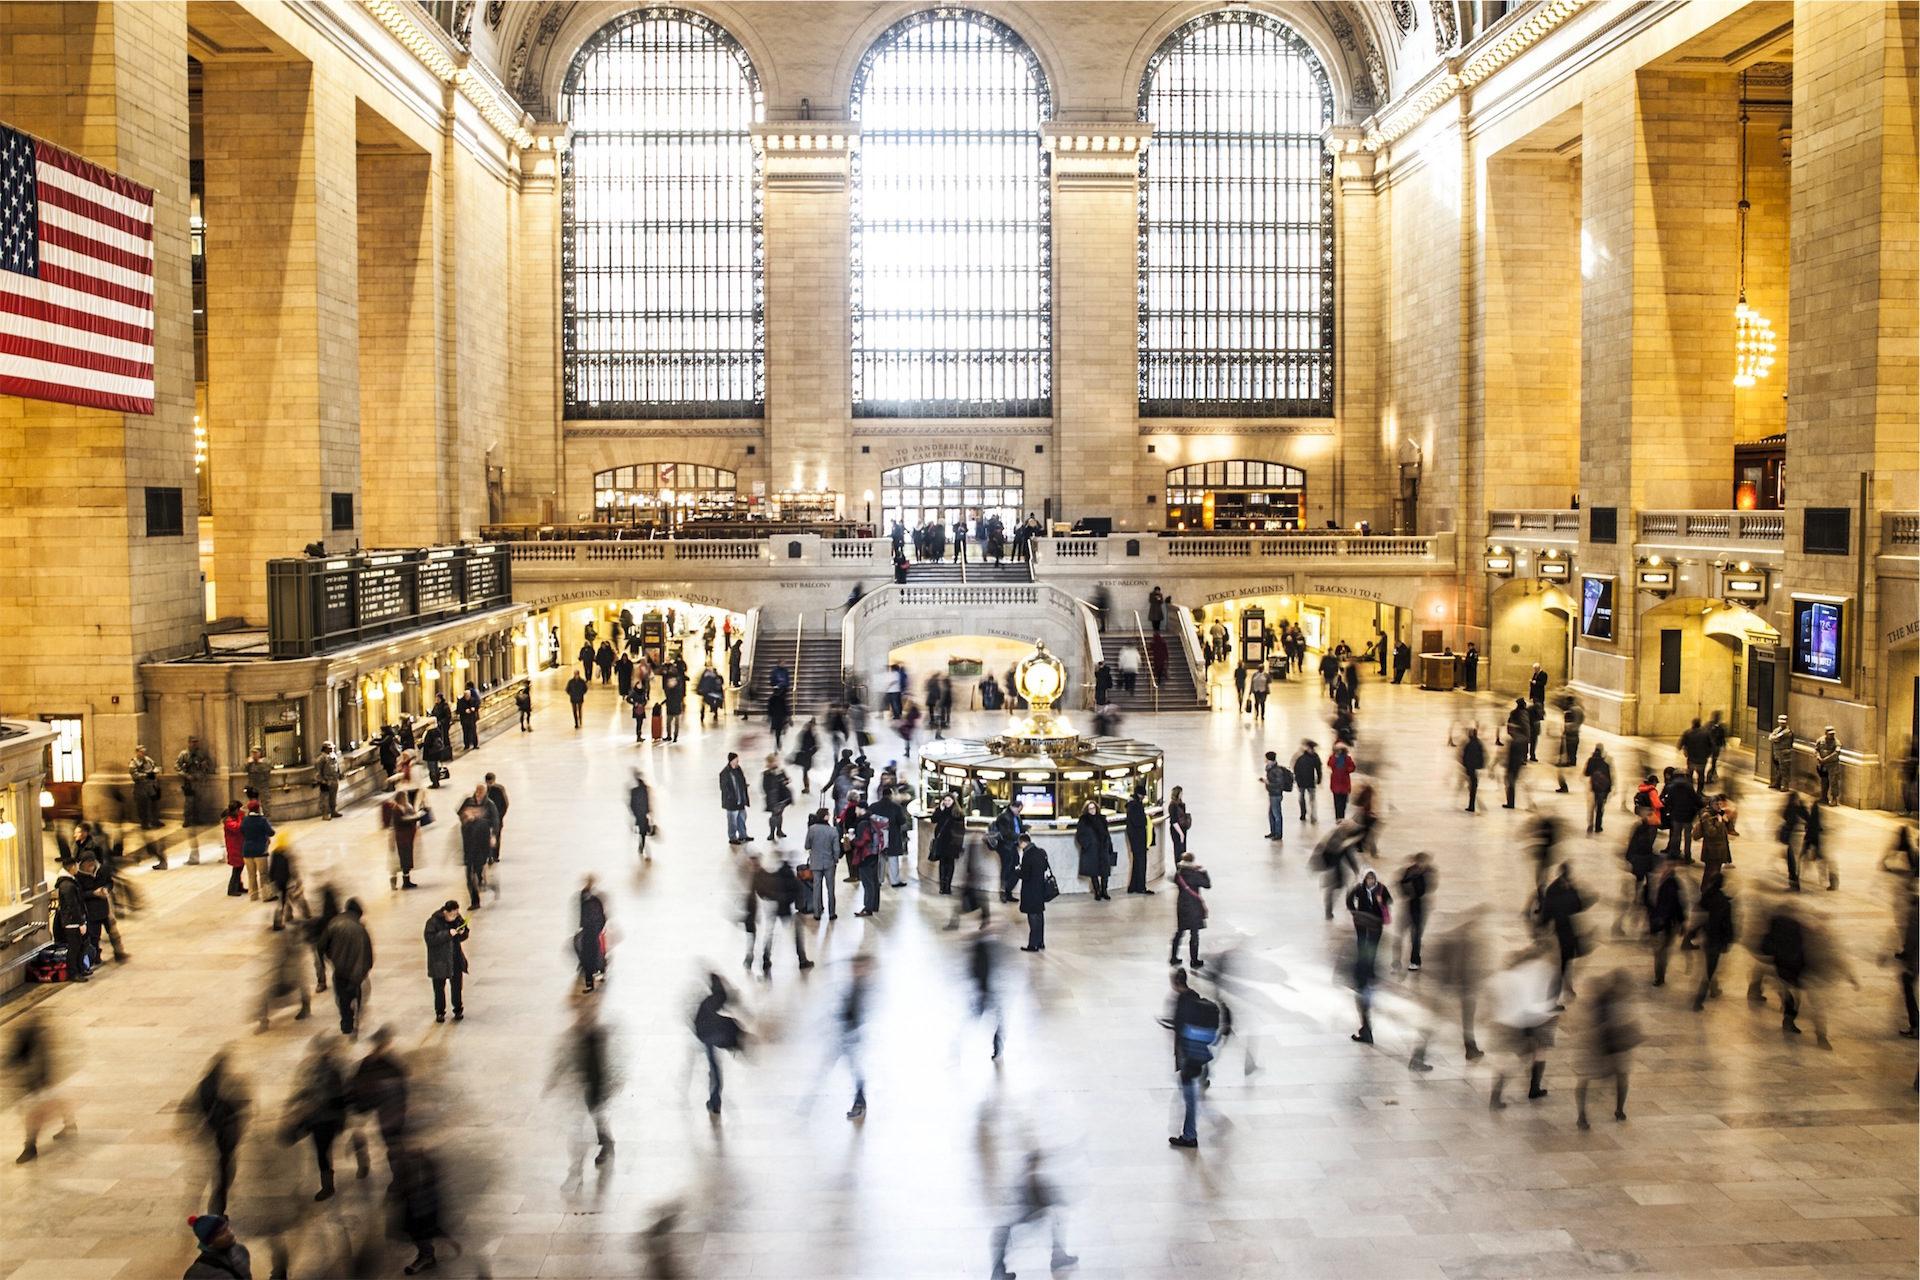 estación, metro, gente, viajeros, estados unidos - Fondos de Pantalla HD - professor-falken.com